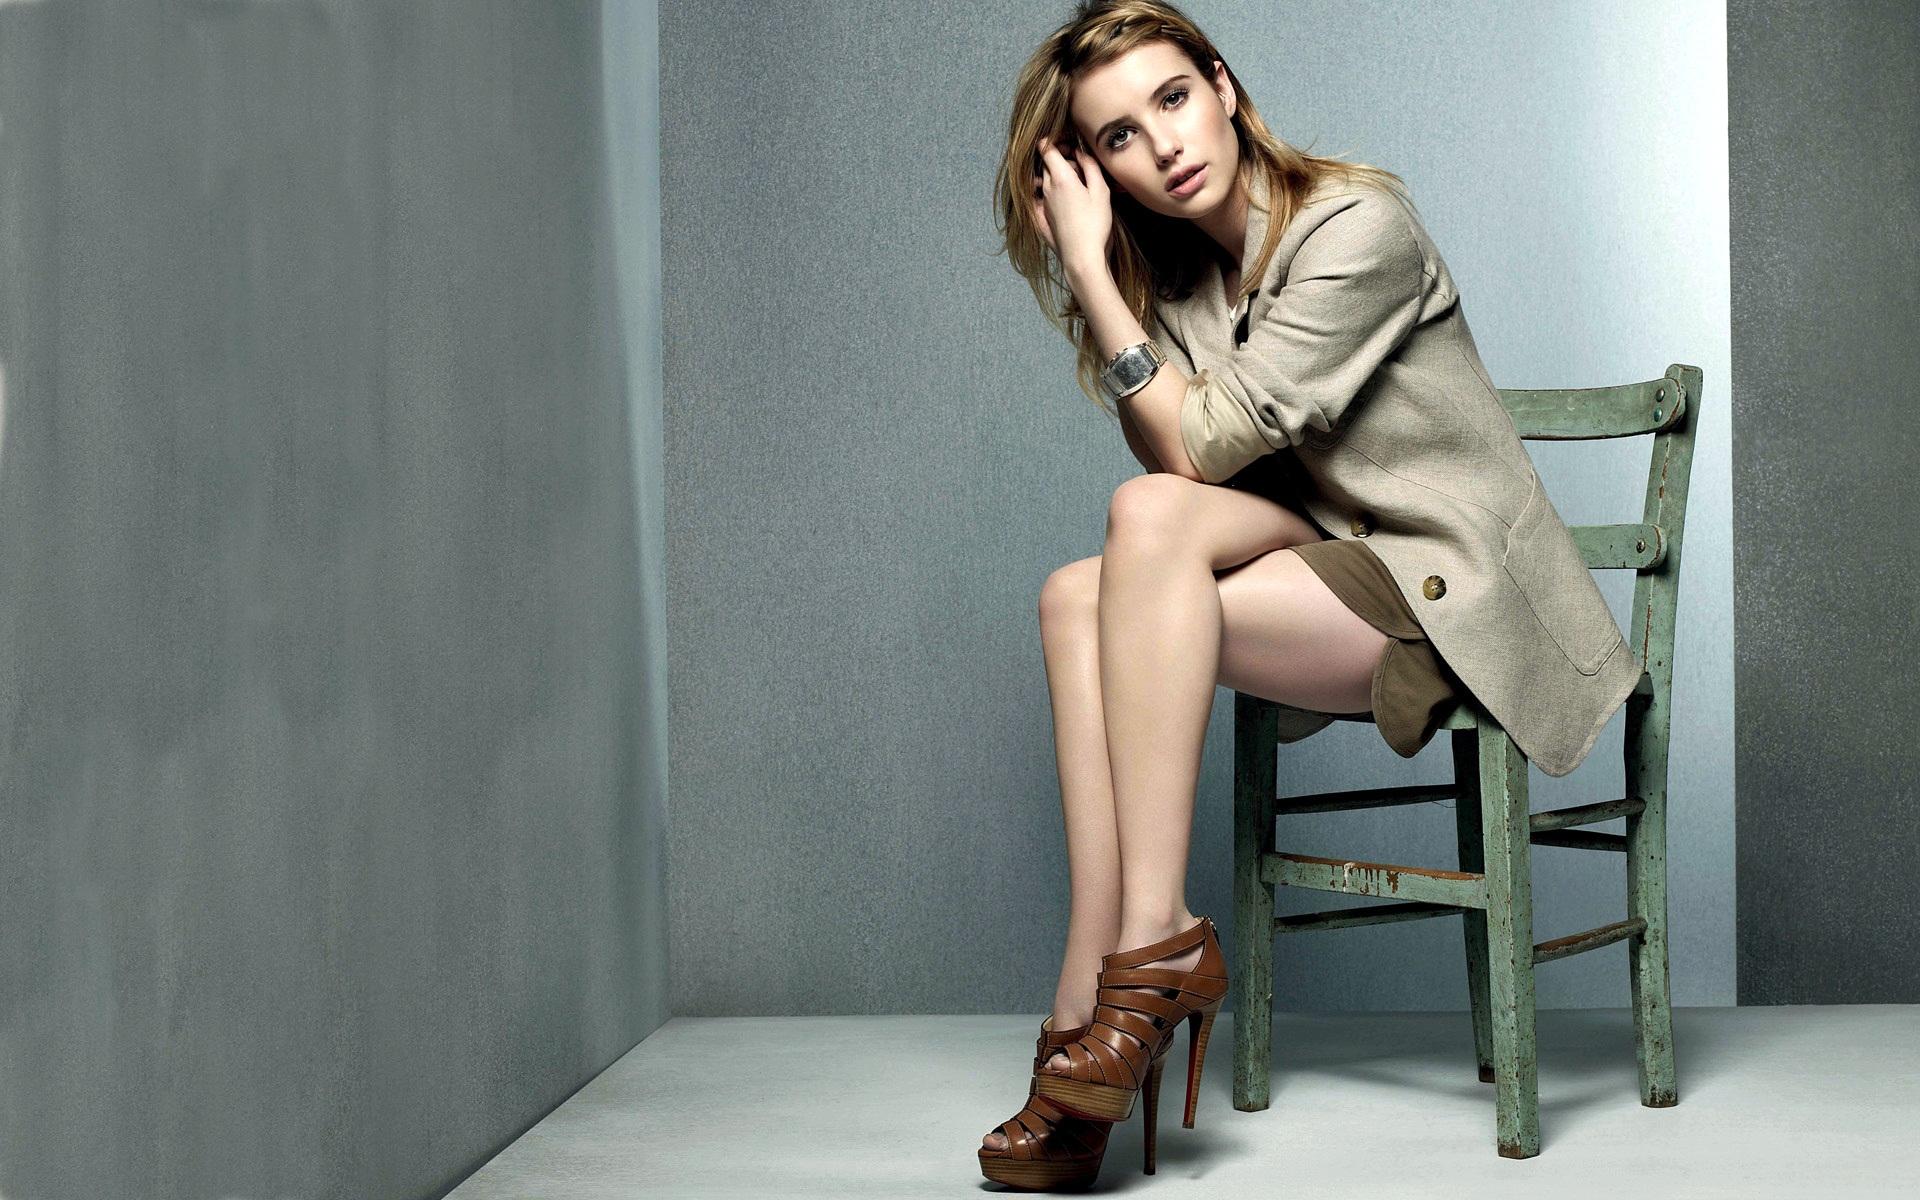 Emma Roberts 18 wallpaper download